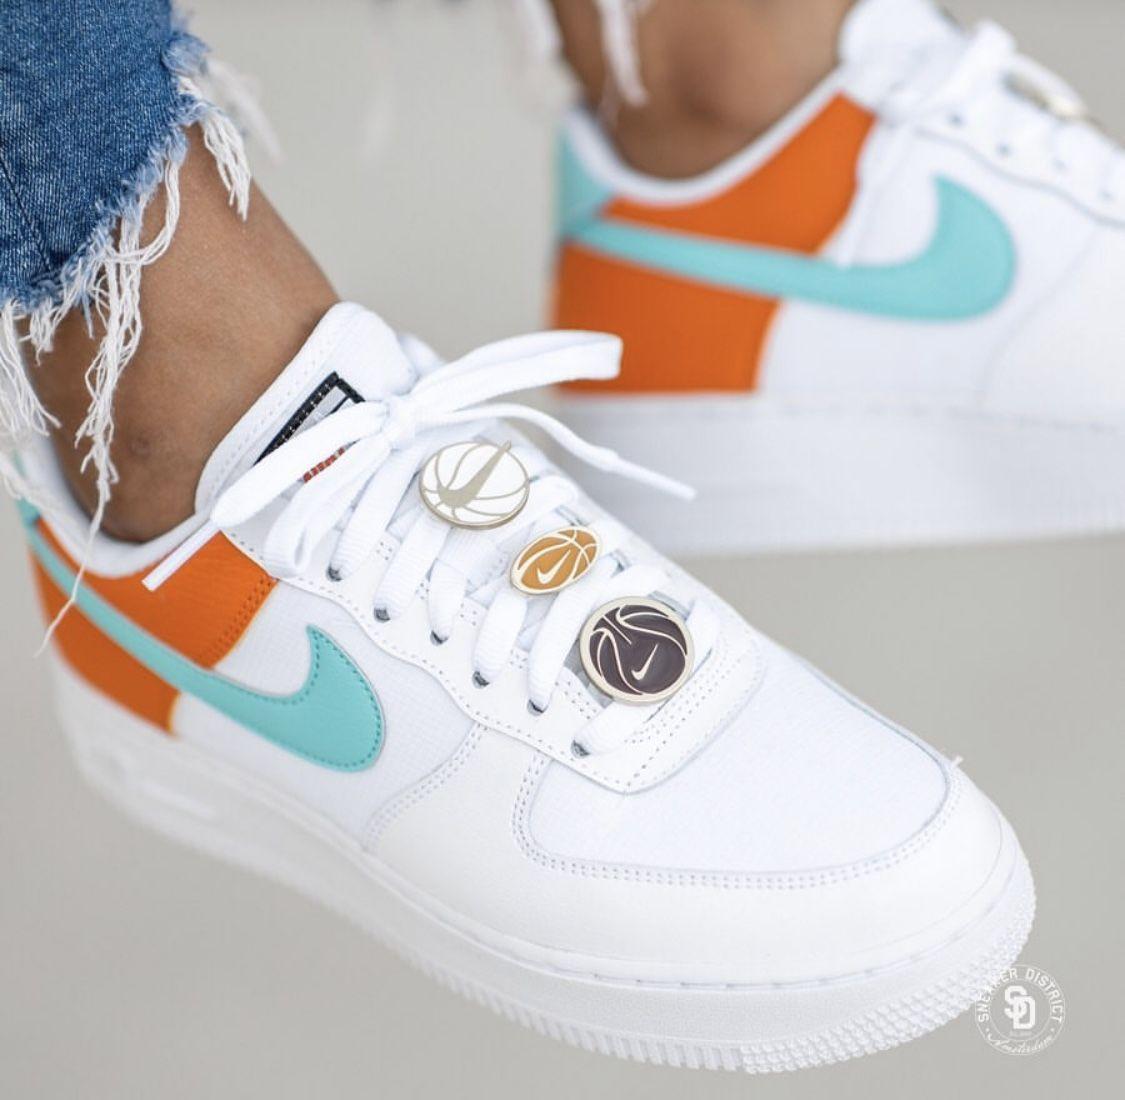 Metodo Incrivel Aprenda Como Comprar Tenis Original Relogios Baratos E Roupas De Marcas Relogios I Sapatilhas Nike Tenis Nike Feminino Tenis Nike Branco